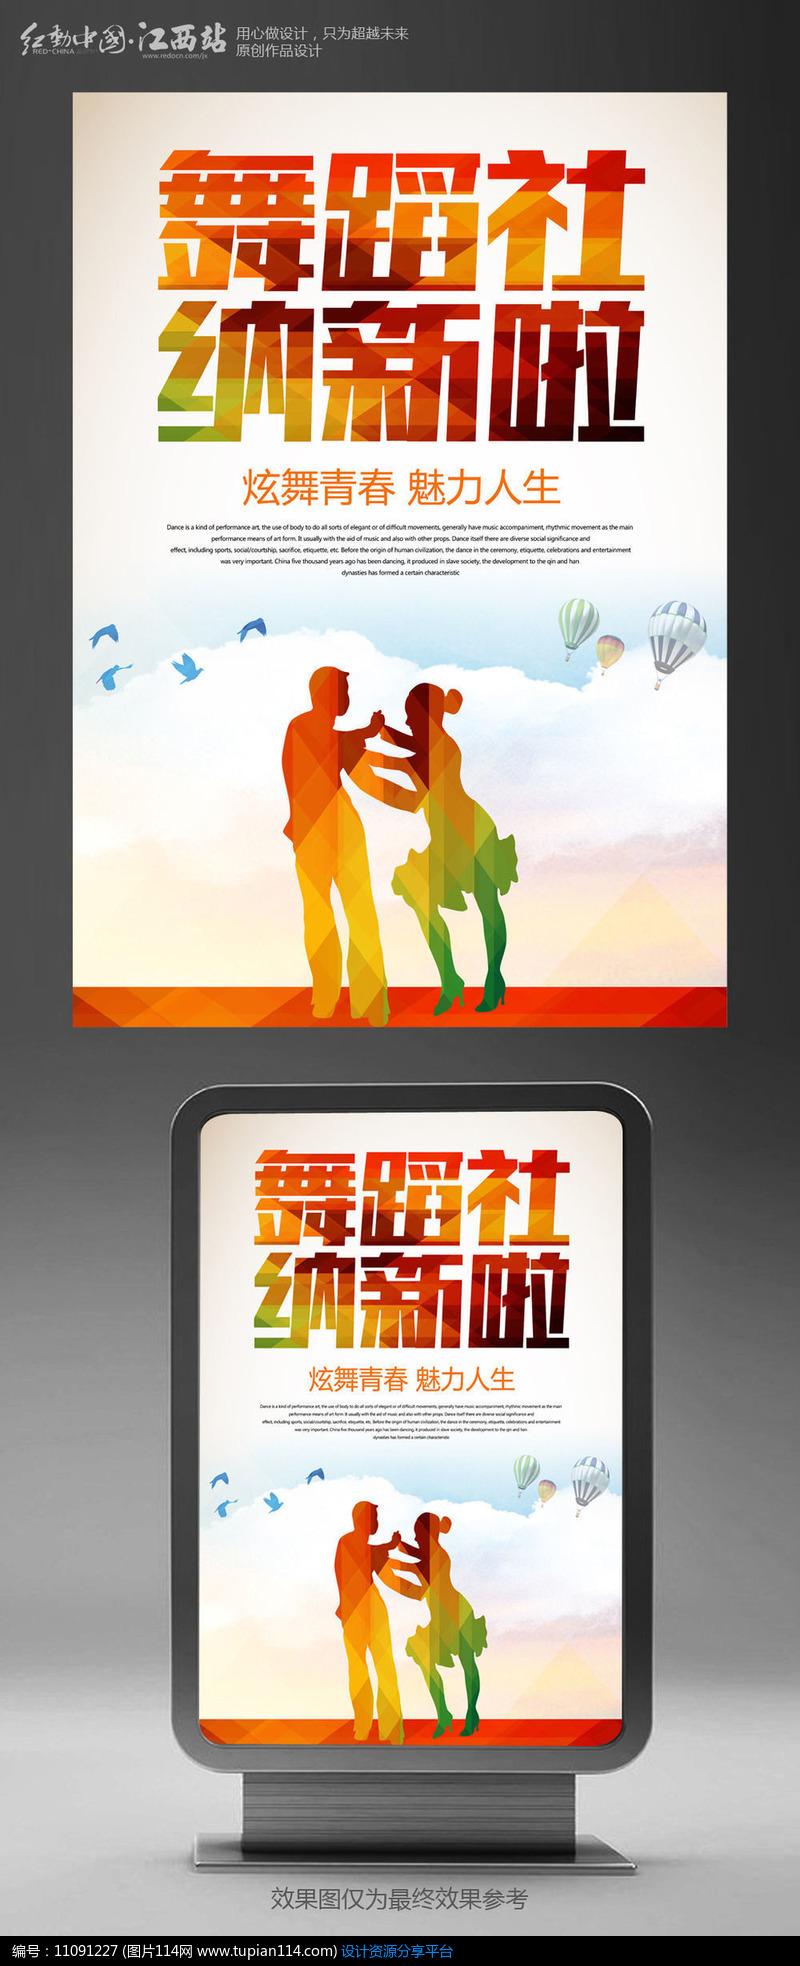 [原创] 简约大学开学季舞蹈社纳新迎新海报设计图片